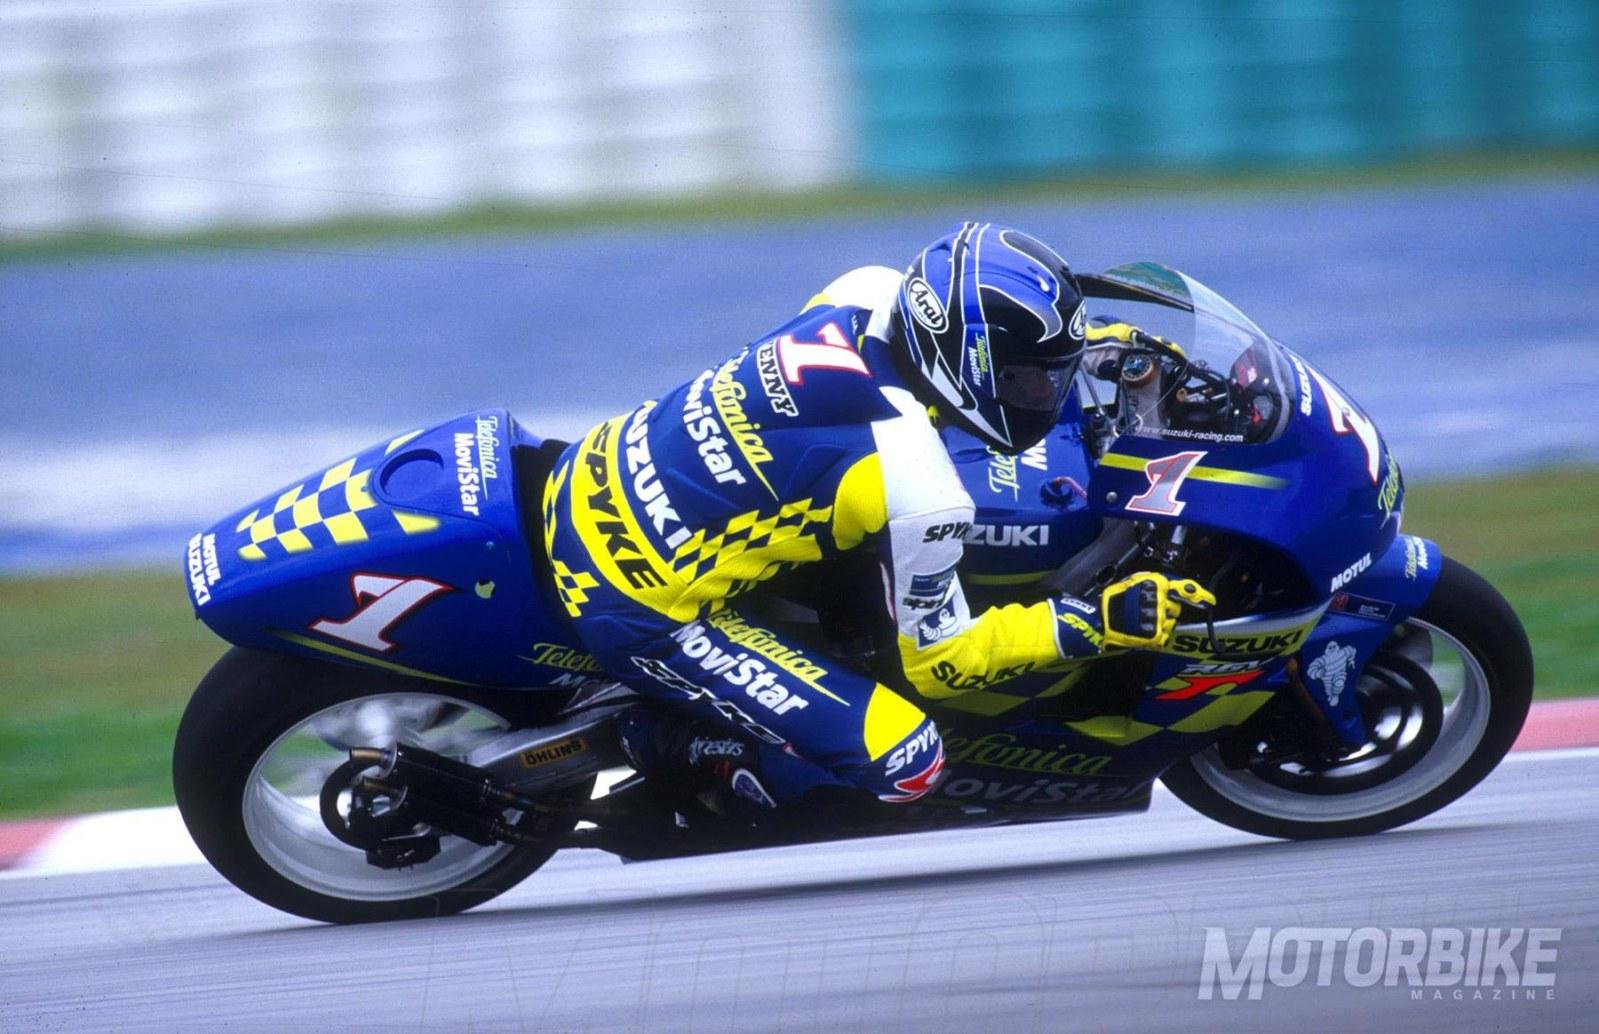 Fotos 500cc/250cc/125cc 21azo1w